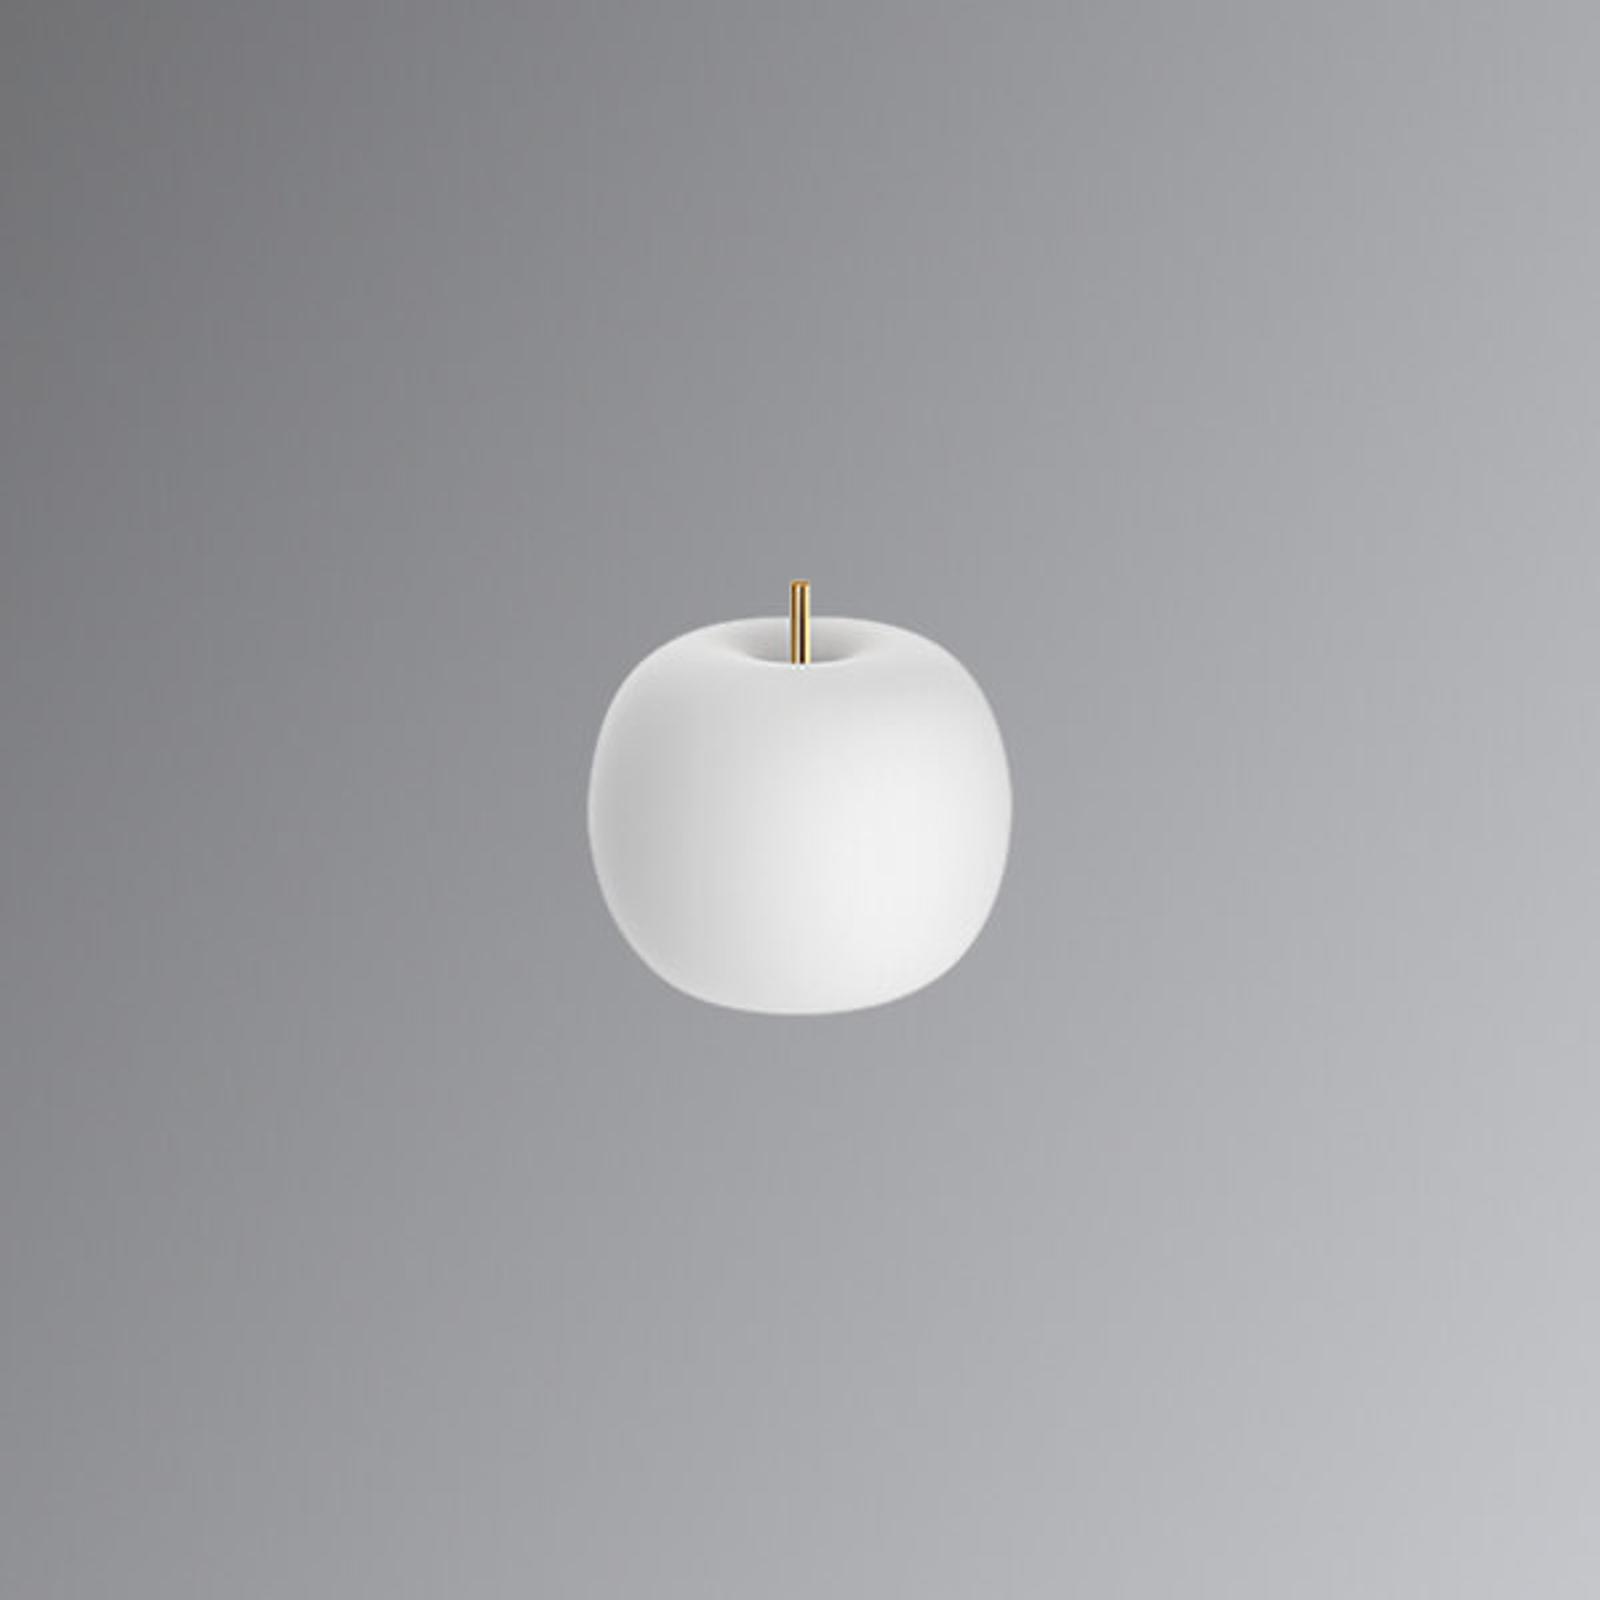 Lampada da tavolo LED in vetro Kushi, 16 cm